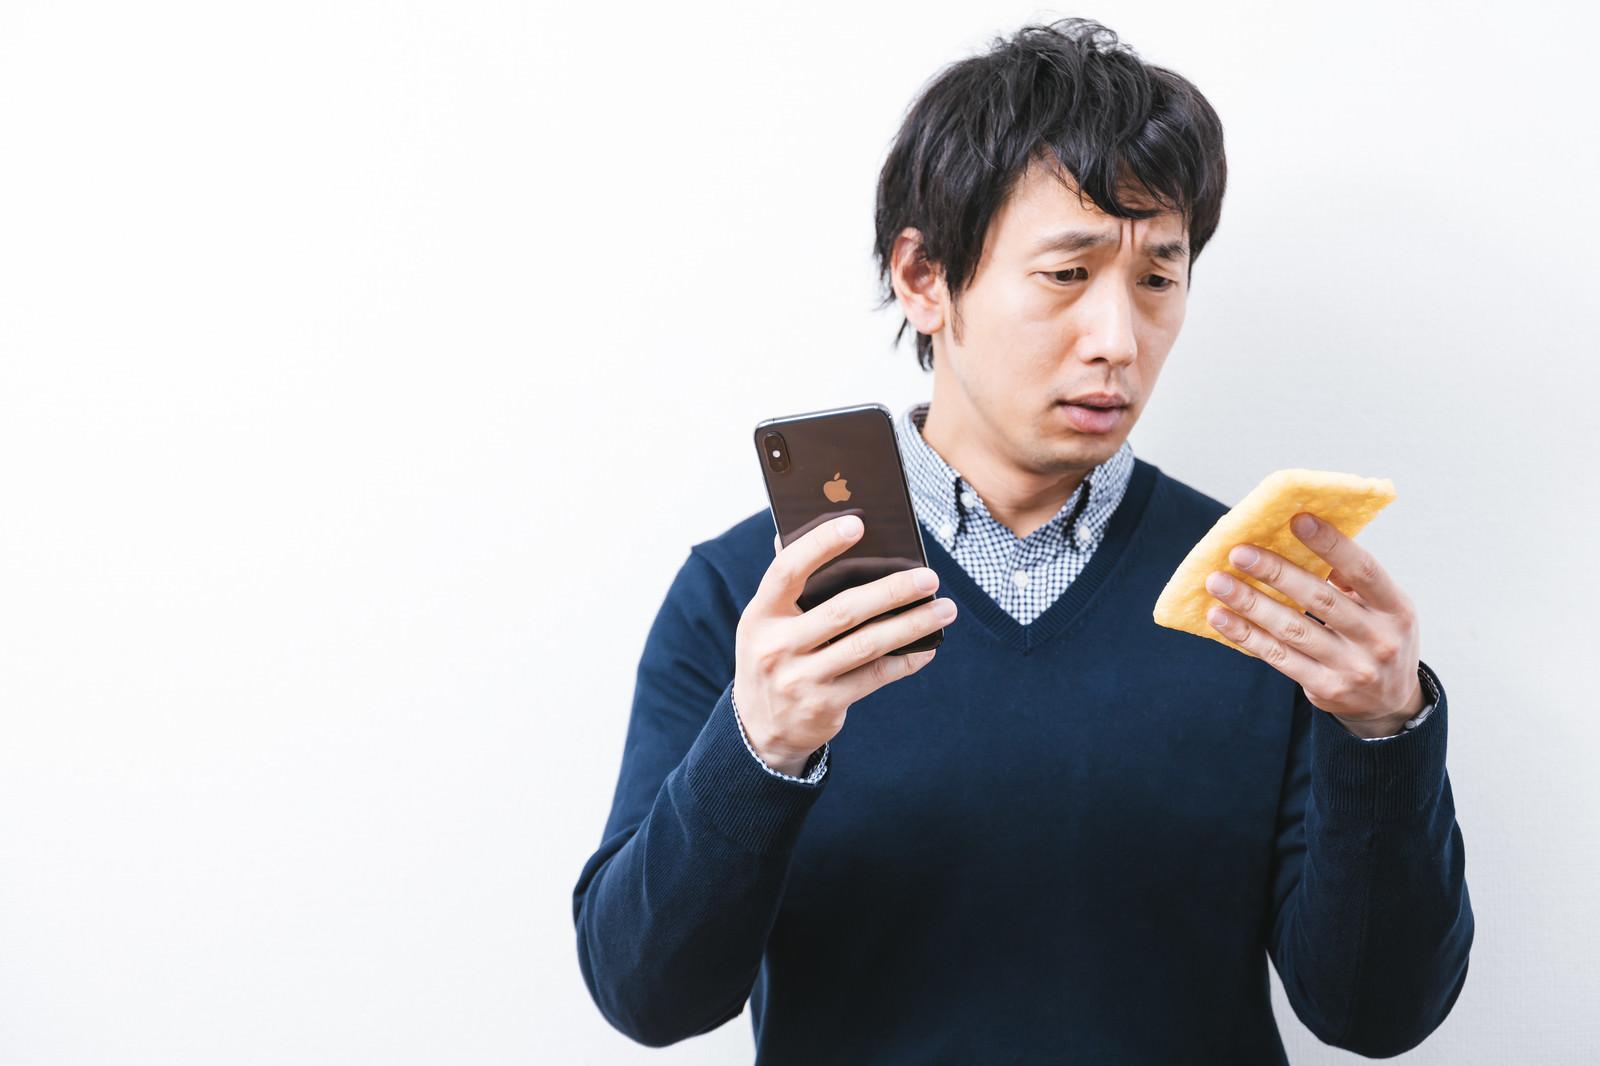 「iPhone XS Maxと油揚げの見分けがつかない男性」の写真[モデル:大川竜弥]